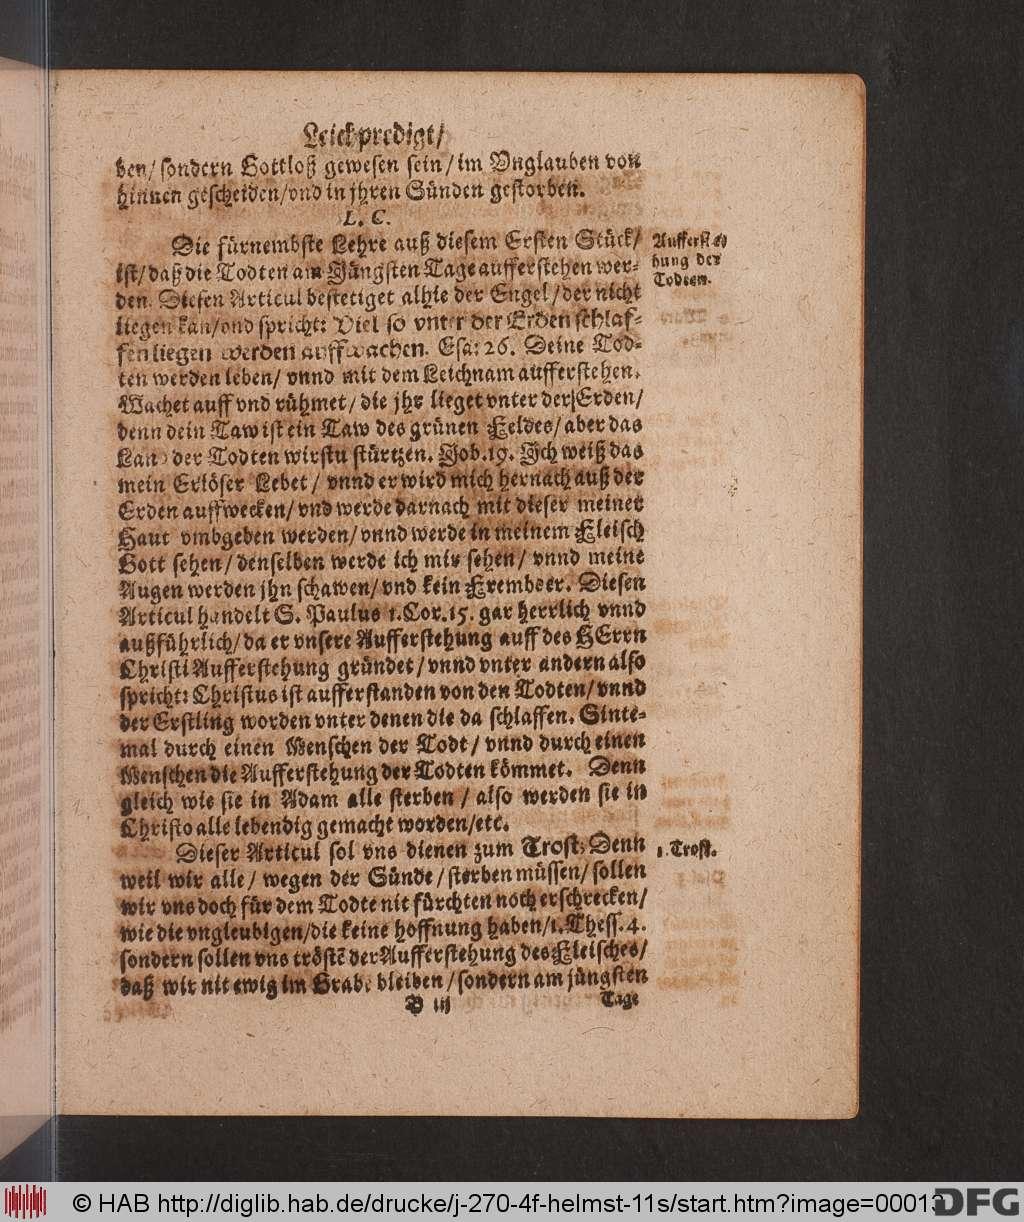 http://diglib.hab.de/drucke/j-270-4f-helmst-11s/00013.jpg